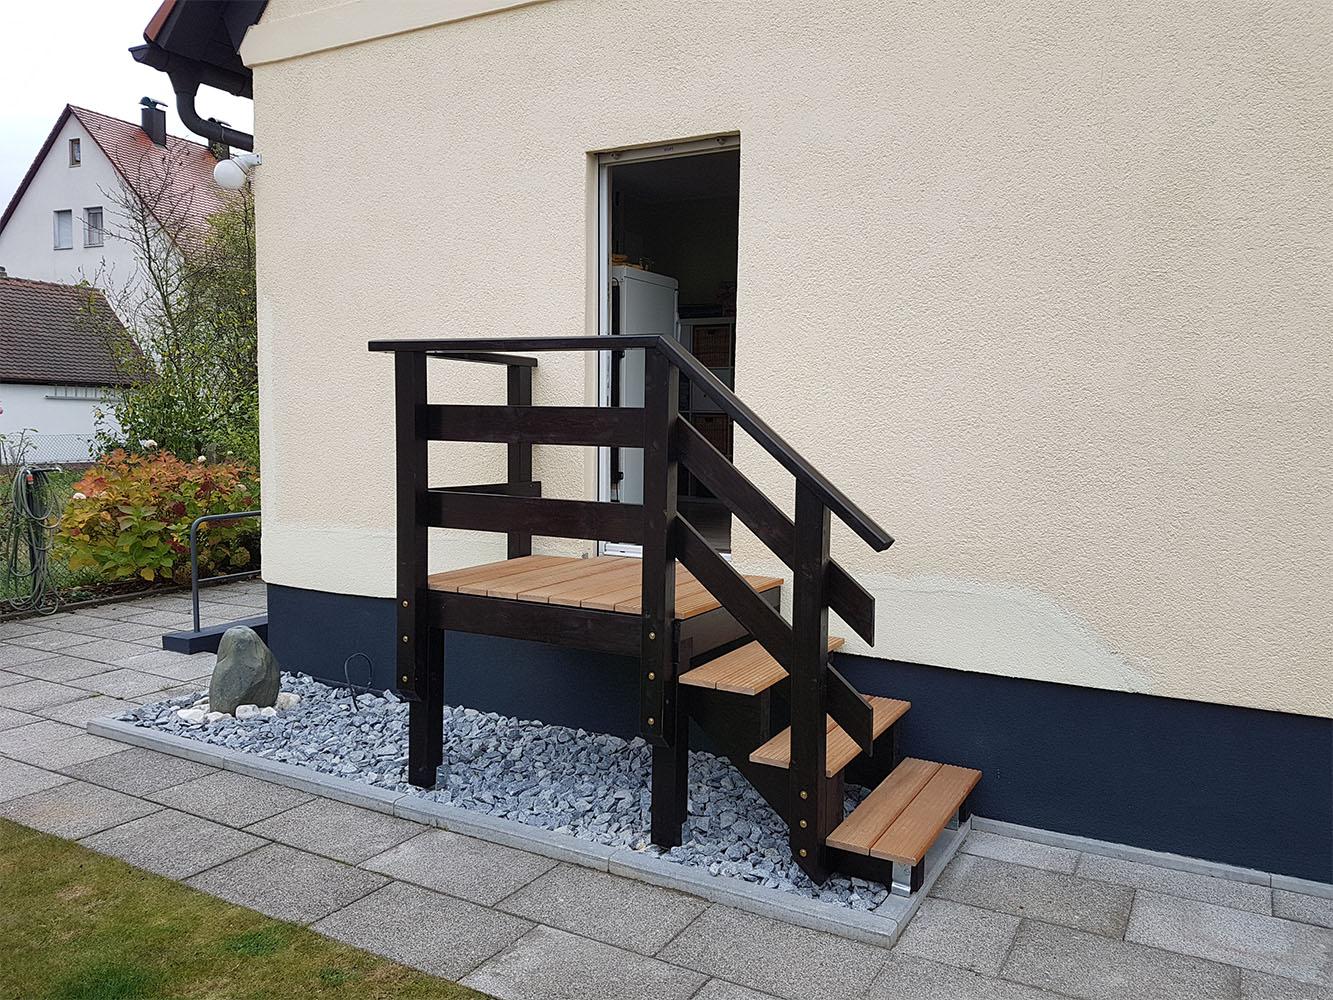 Treppe & Geländer Nürnberg   Schreinerei Frank Ultsch In Ottensoos, Außentreppe